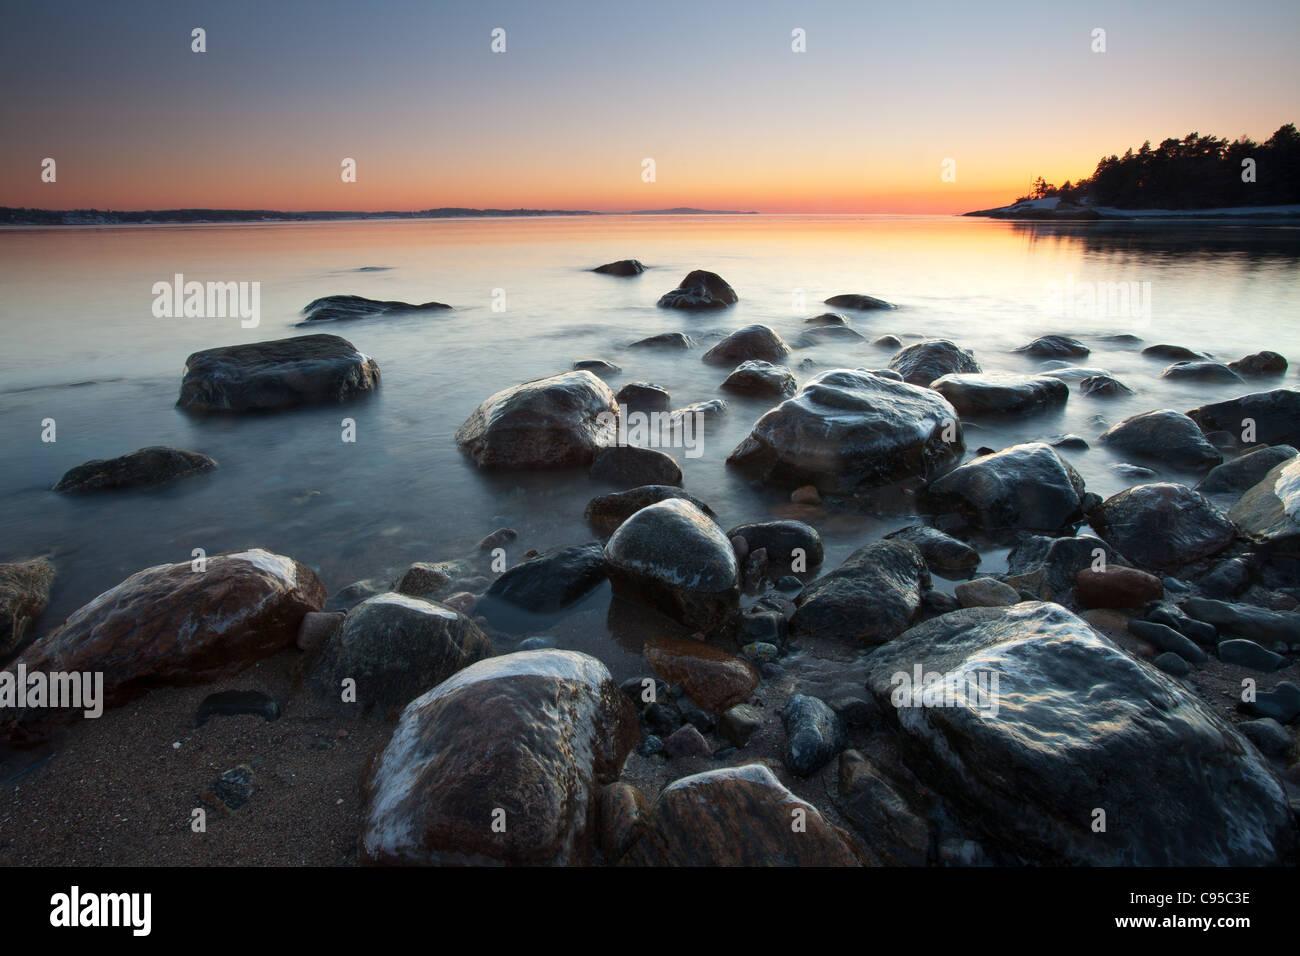 Il paesaggio costiero al tramonto a forno in Råde kommune, Østfold fylke, Norvegia. Immagini Stock